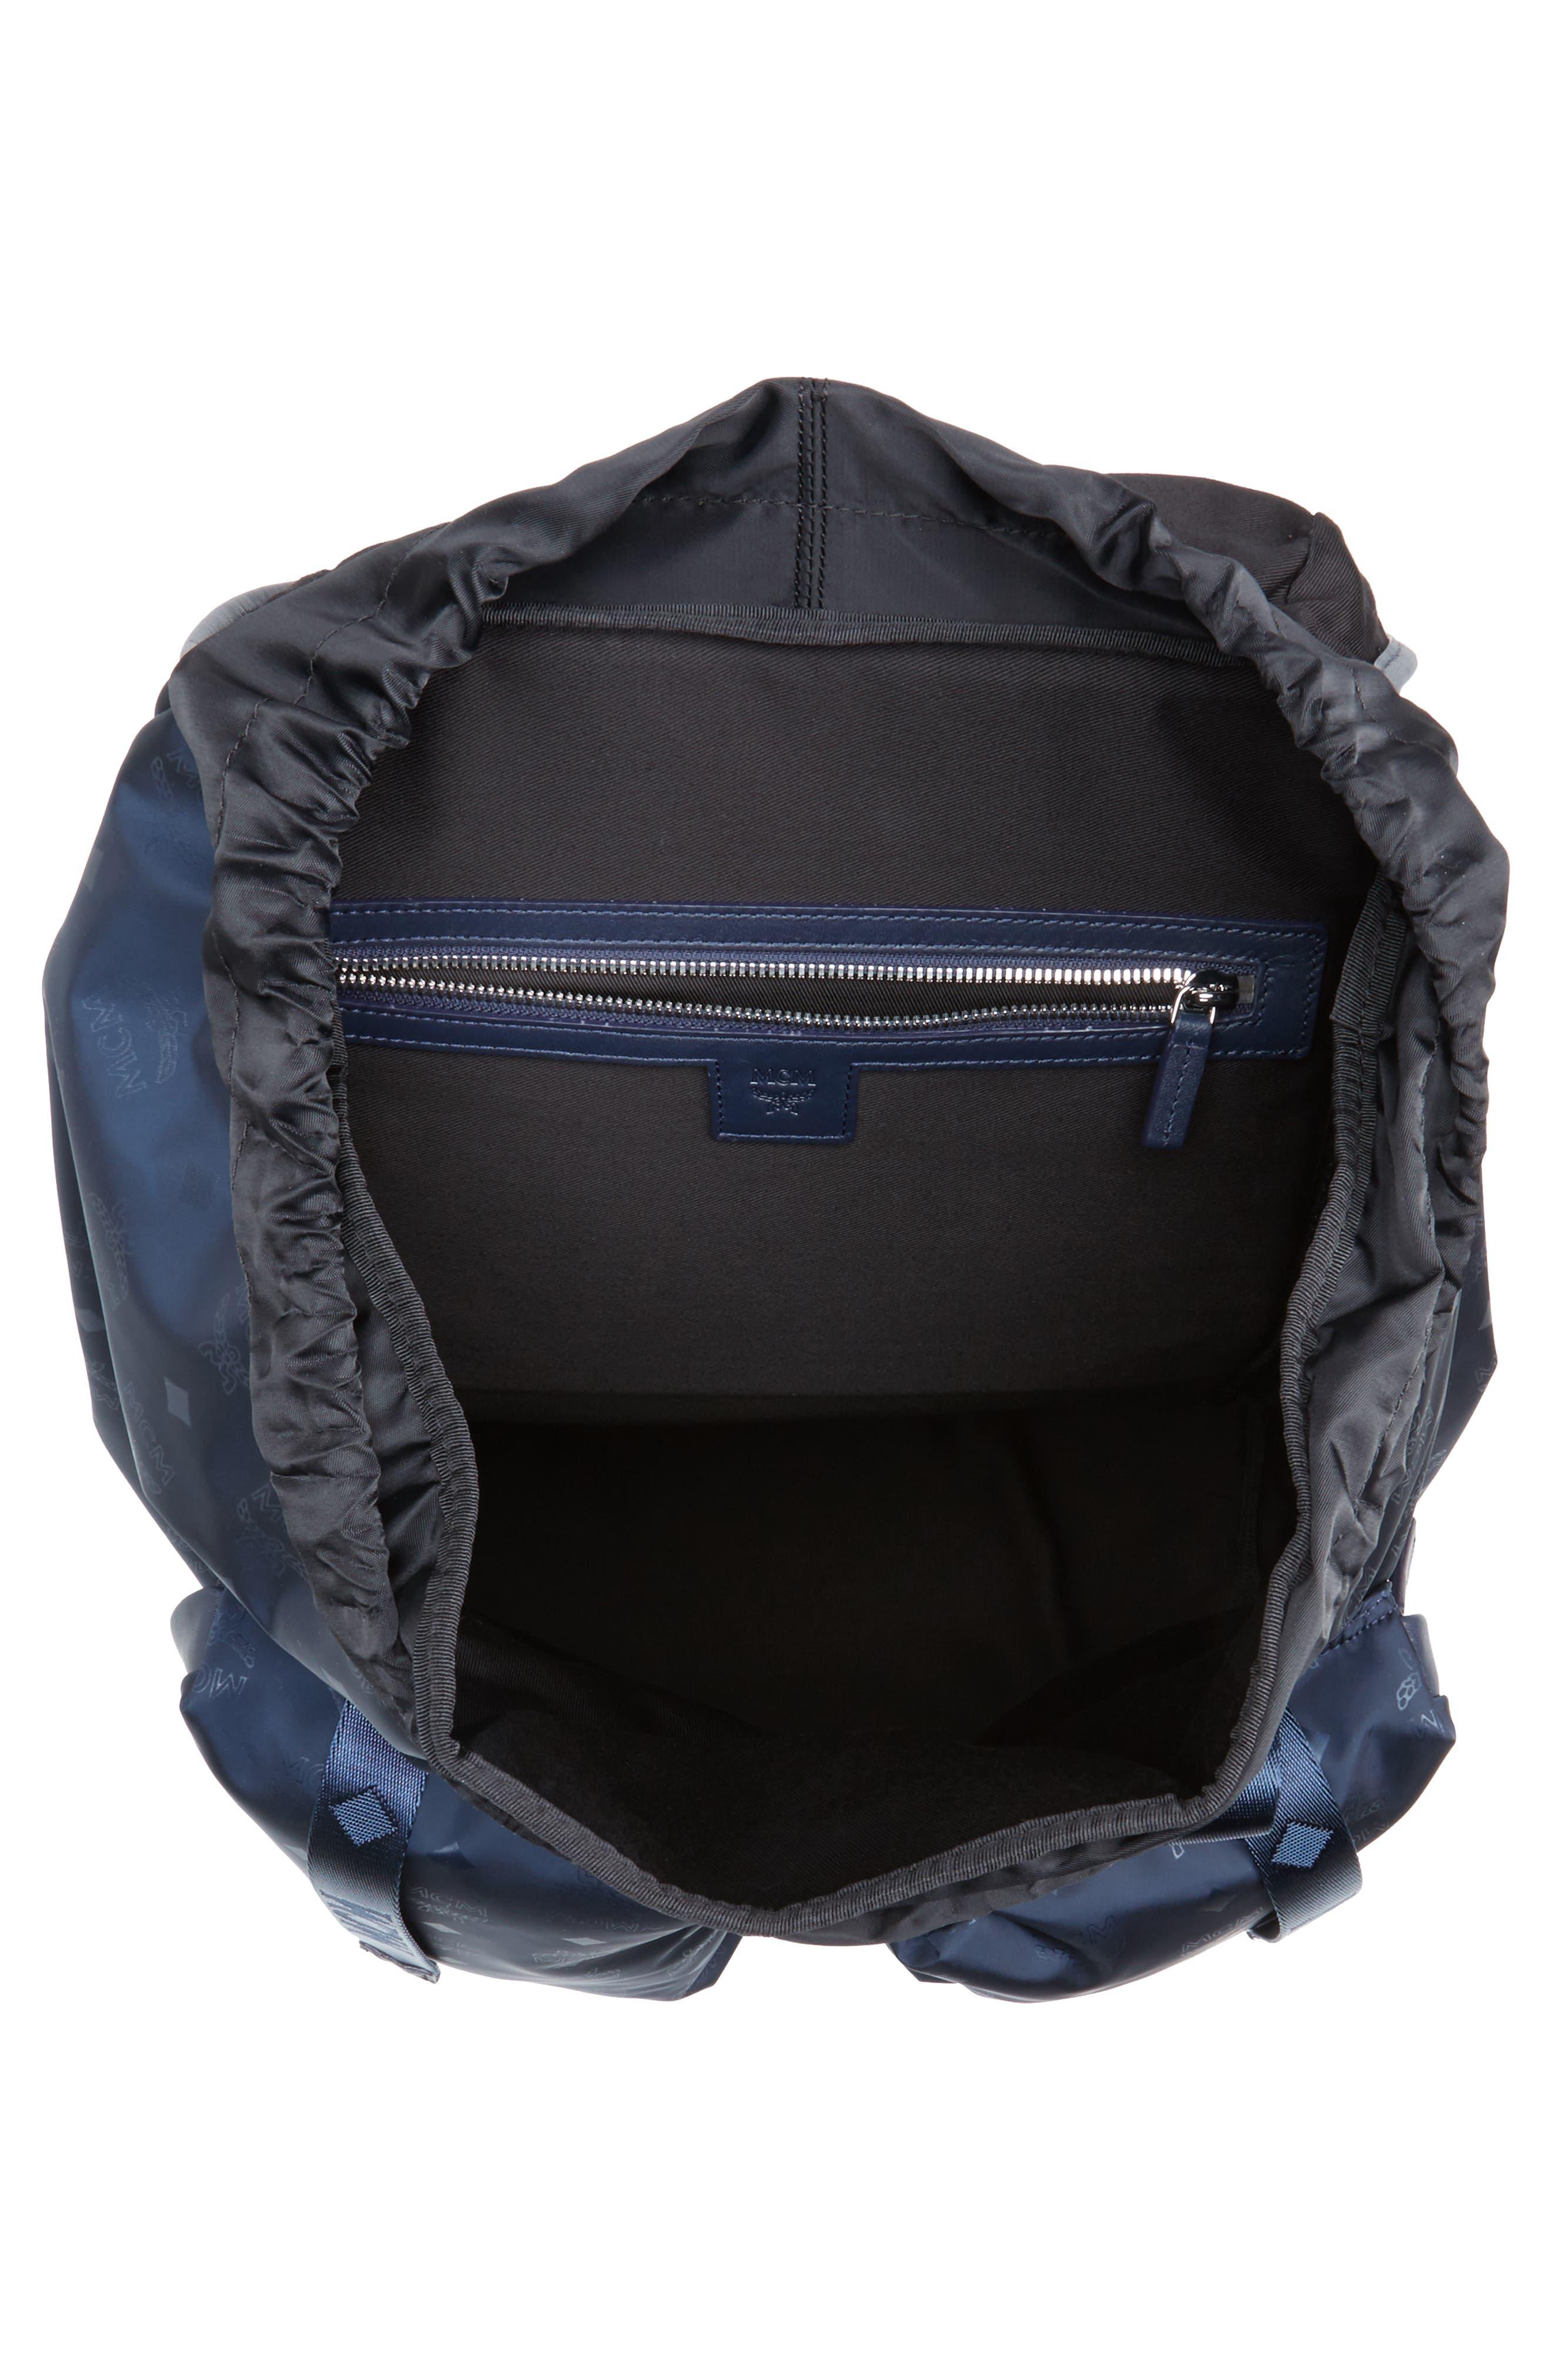 Dieter Backpack,                             Alternate thumbnail 4, color,                             NAVY BLUE